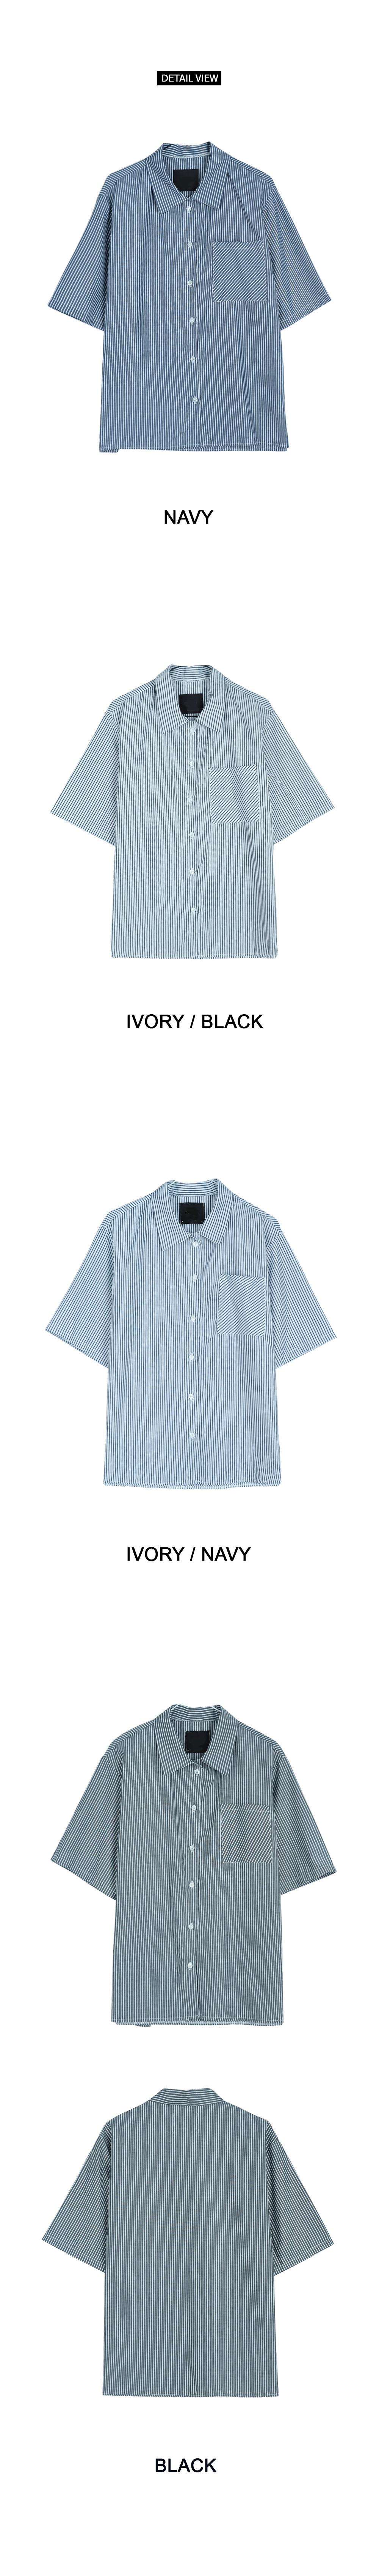 Haku line shirt (nb572)